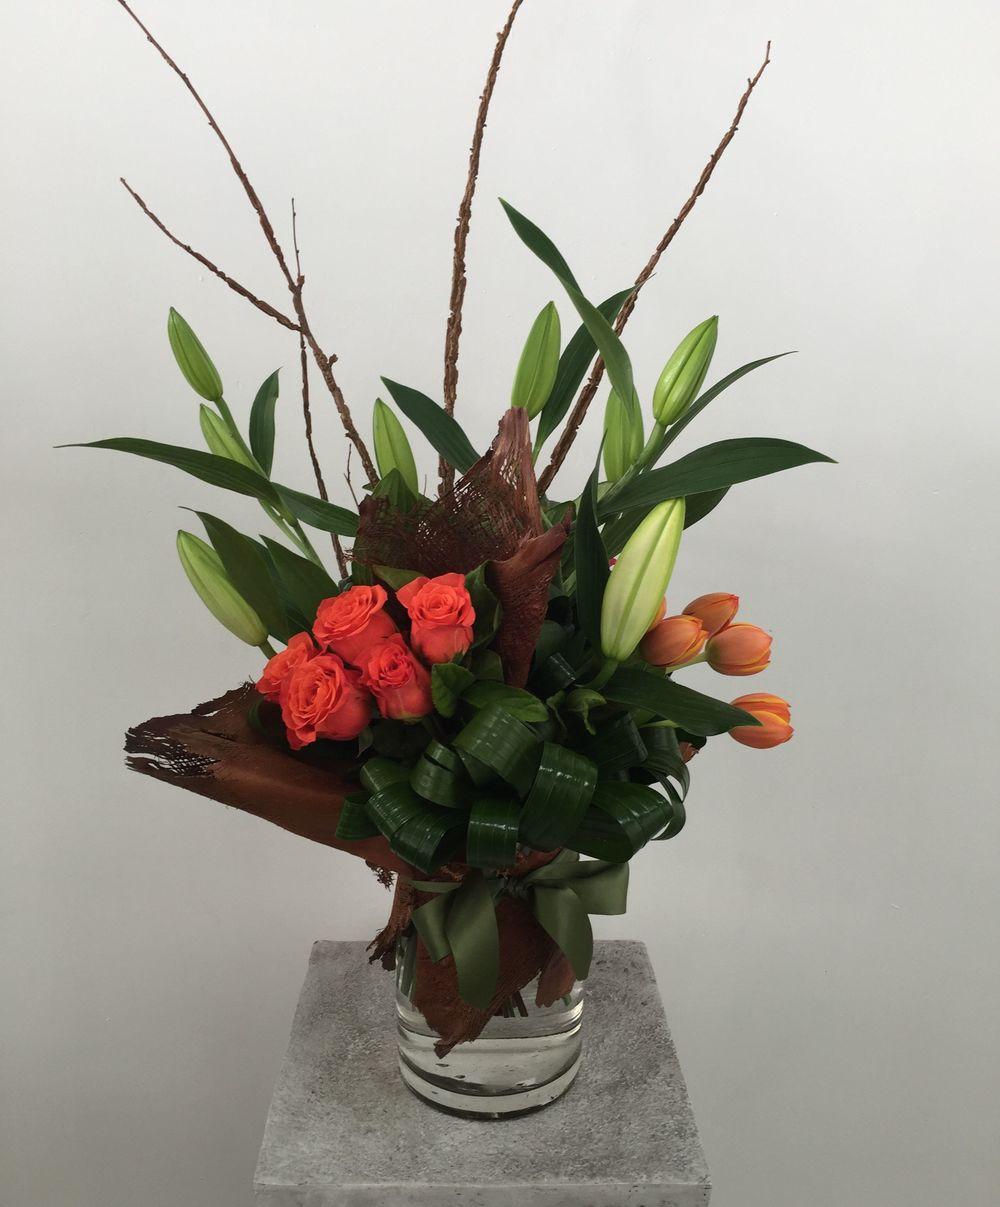 #15 Vase